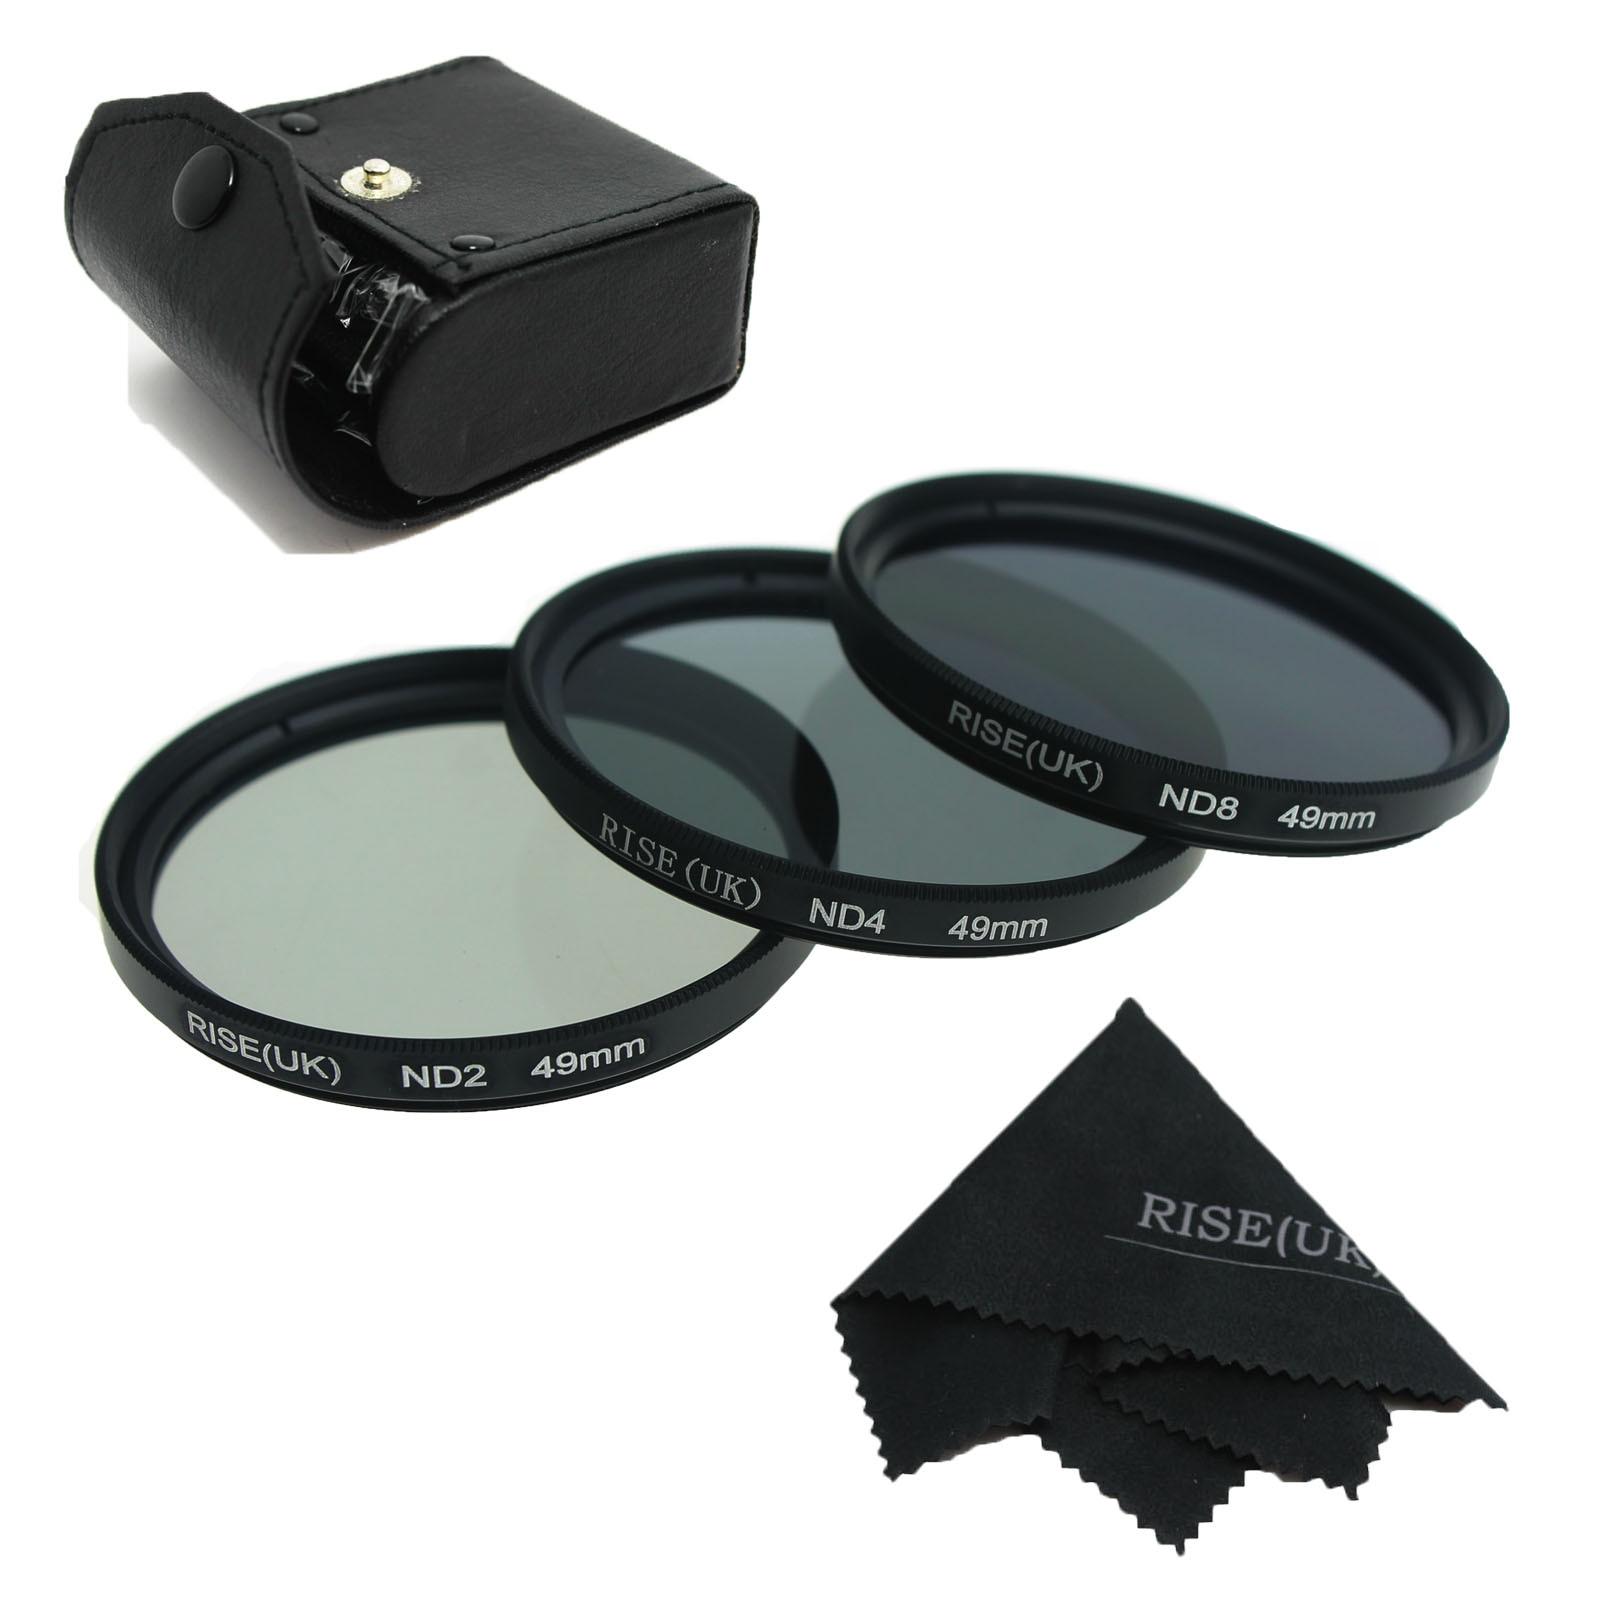 RISE (UK) 49mm 52mm 55mm 58mm 62mm 67mm 72mm 77 MM Neutral Density Filter Objektiv Set Kit ND2 ND4 ND8 ND 2 4 8